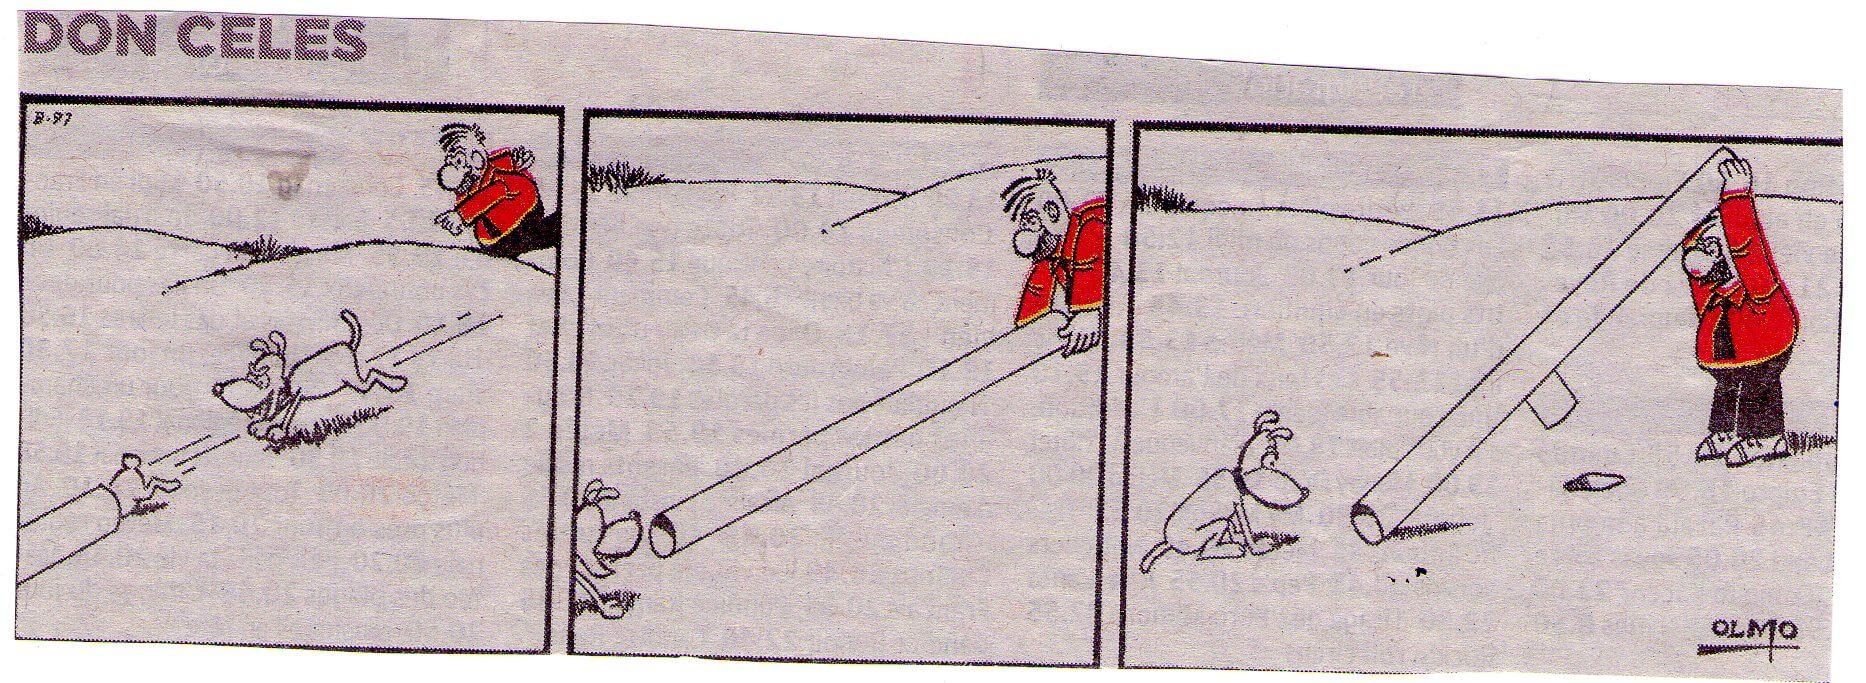 Don Celes buscando el conejo